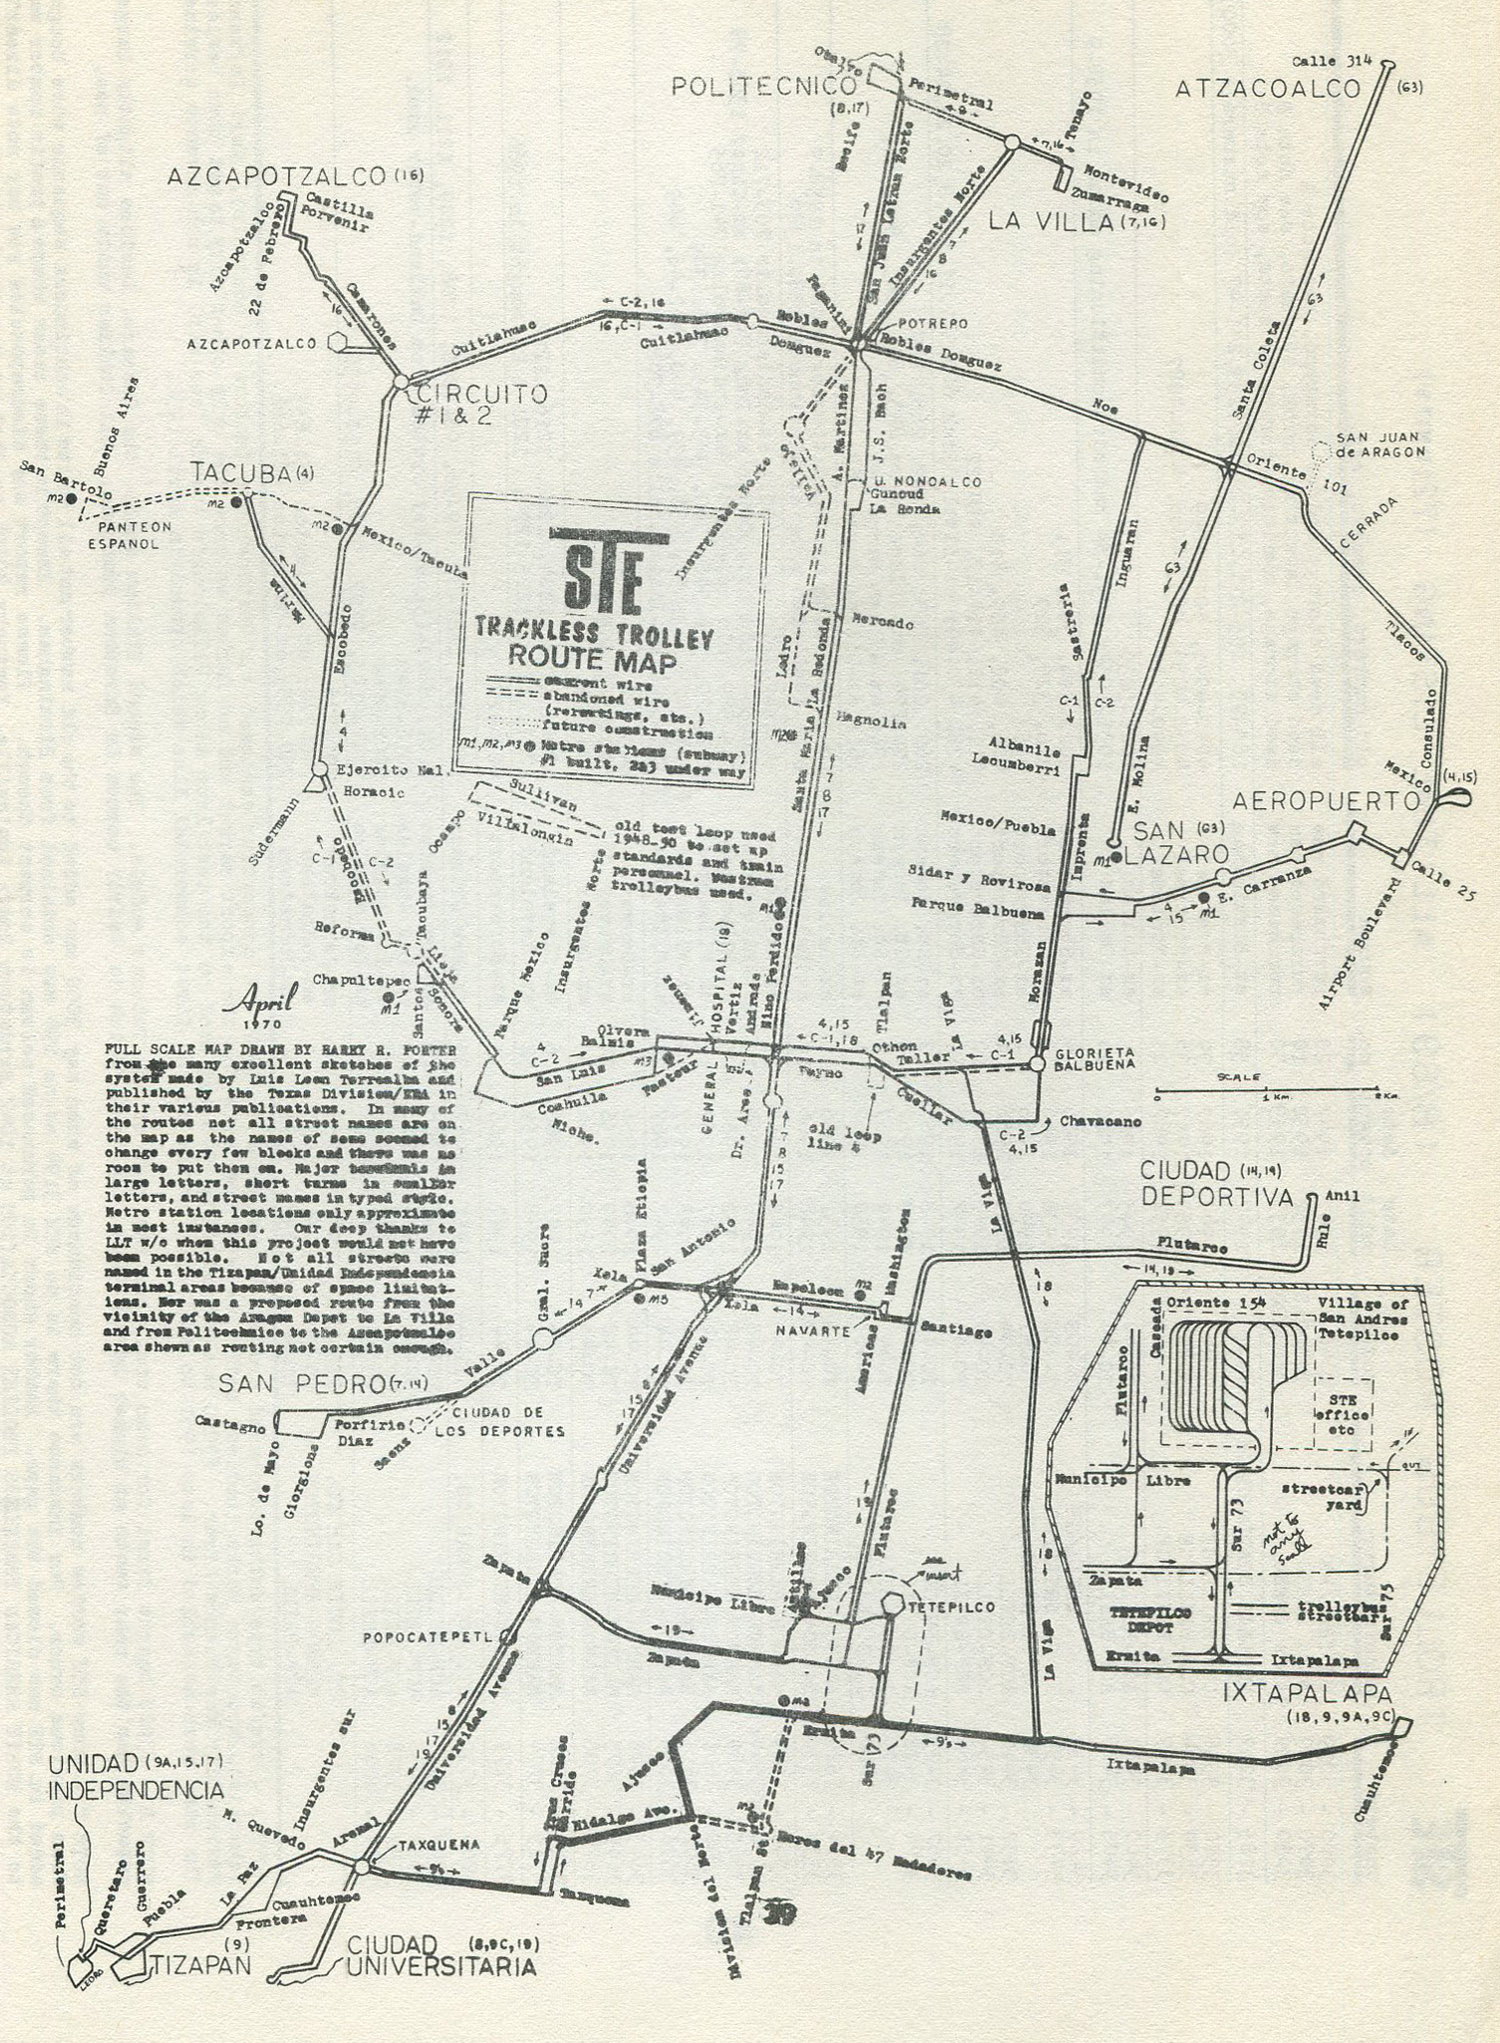 Mapa trolejbusového provozu v Ciudad de México z roku 1970. (zdroj: Transphoto.ru)